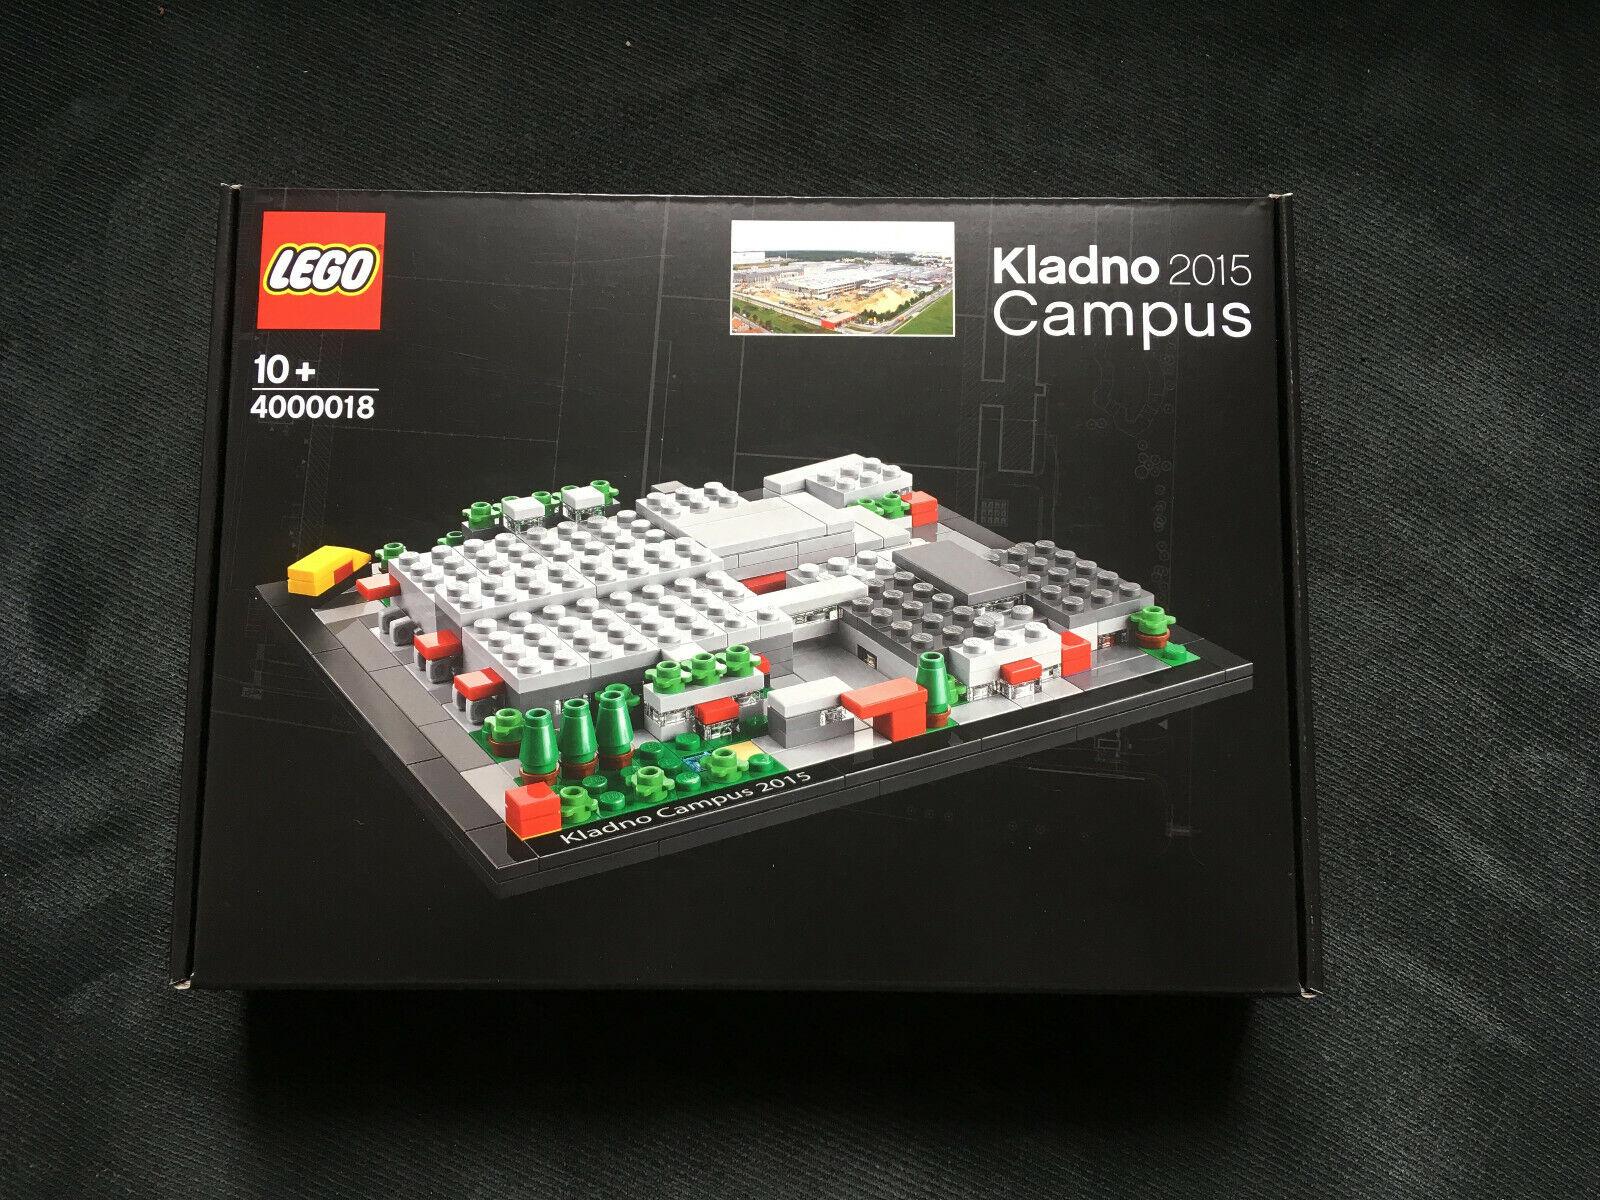 LEGO 4000018 Kladno Campus 2015 Exclusive RARE